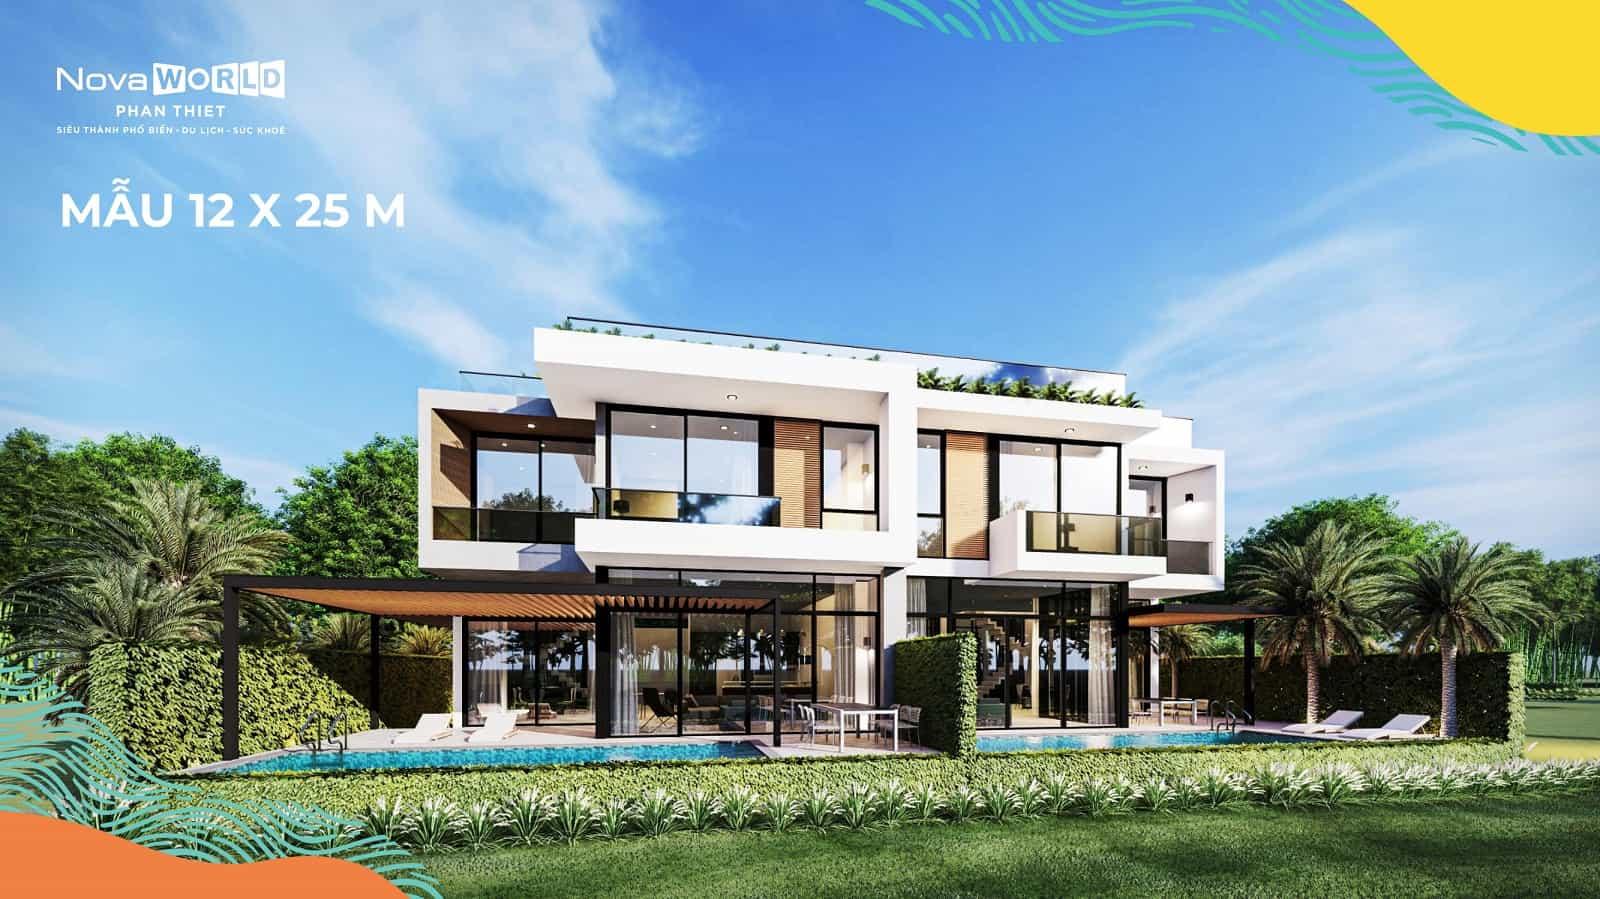 Nhà mẫu dự án khu đô thị Novaworld Phan Thiết